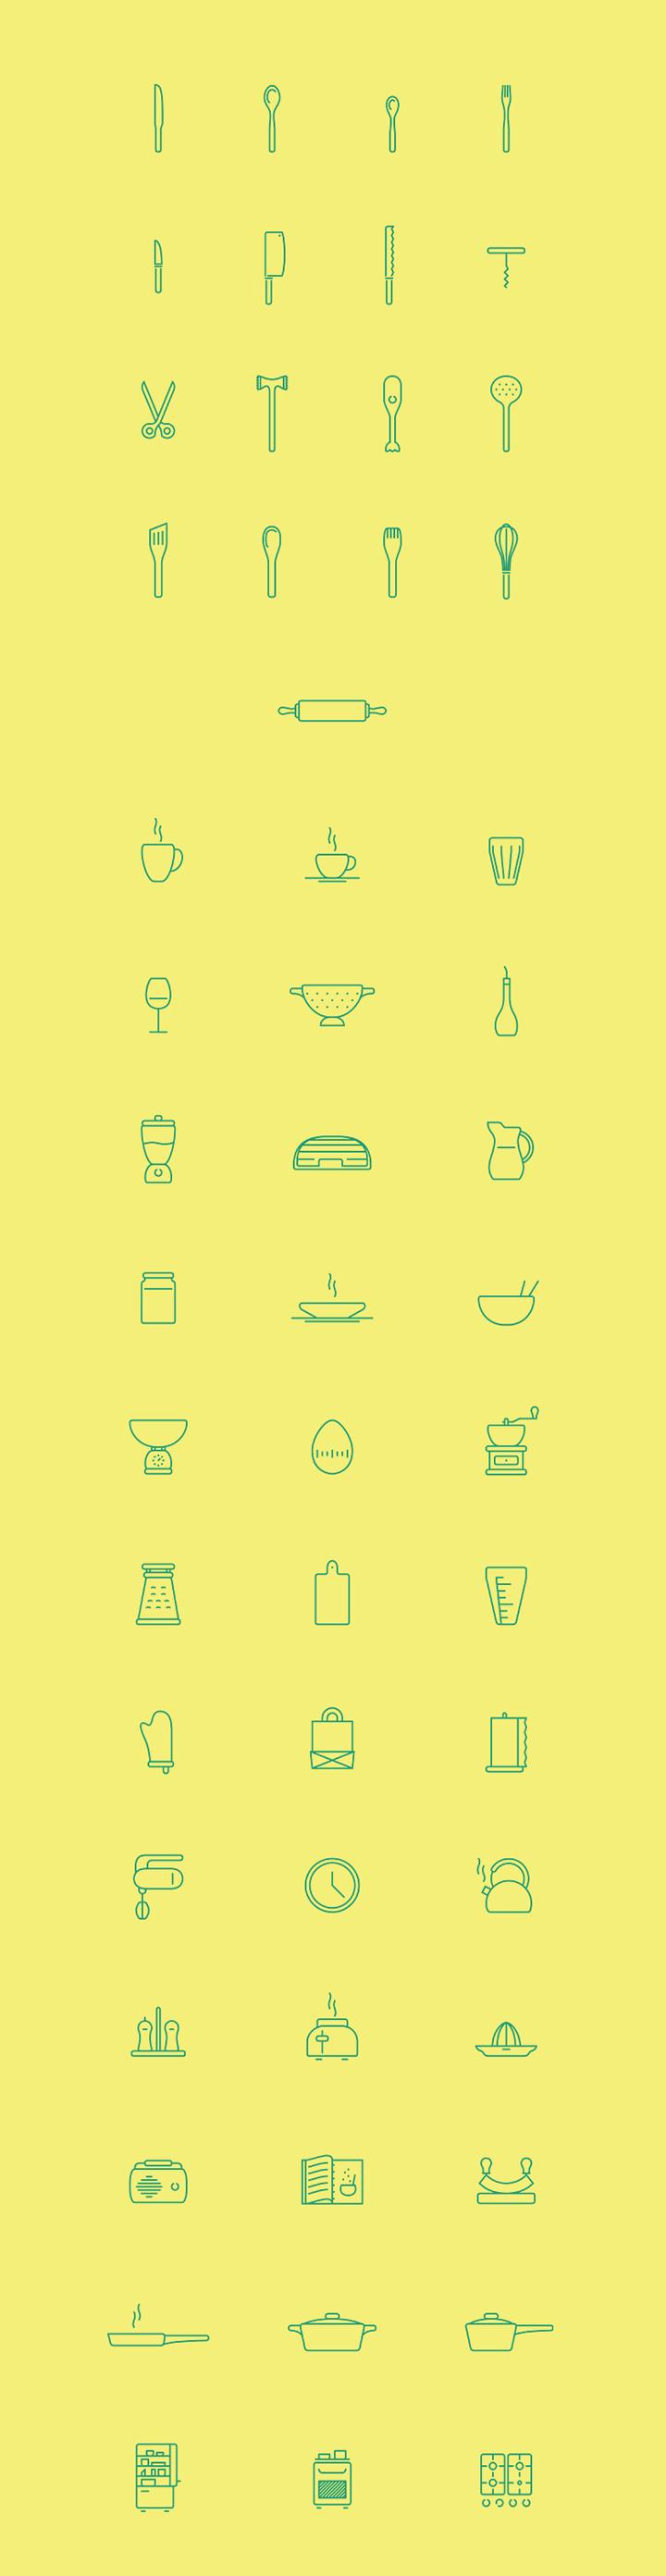 Free-Kitchen-Icons-720-1